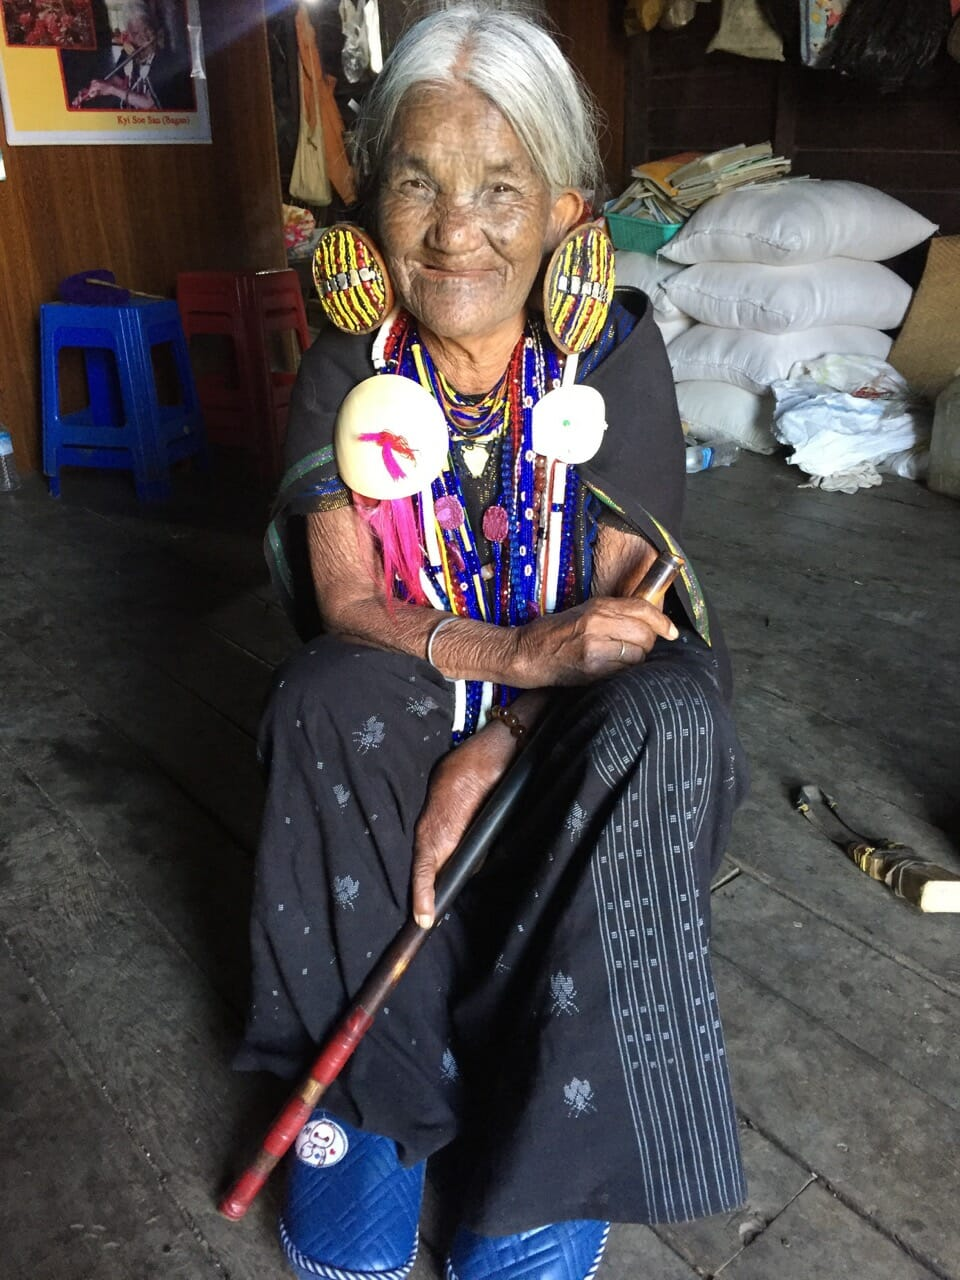 Yaw Shen, de Kaang tribo, falou que mal esperava para ostentar a tatuagens em seu rosto.